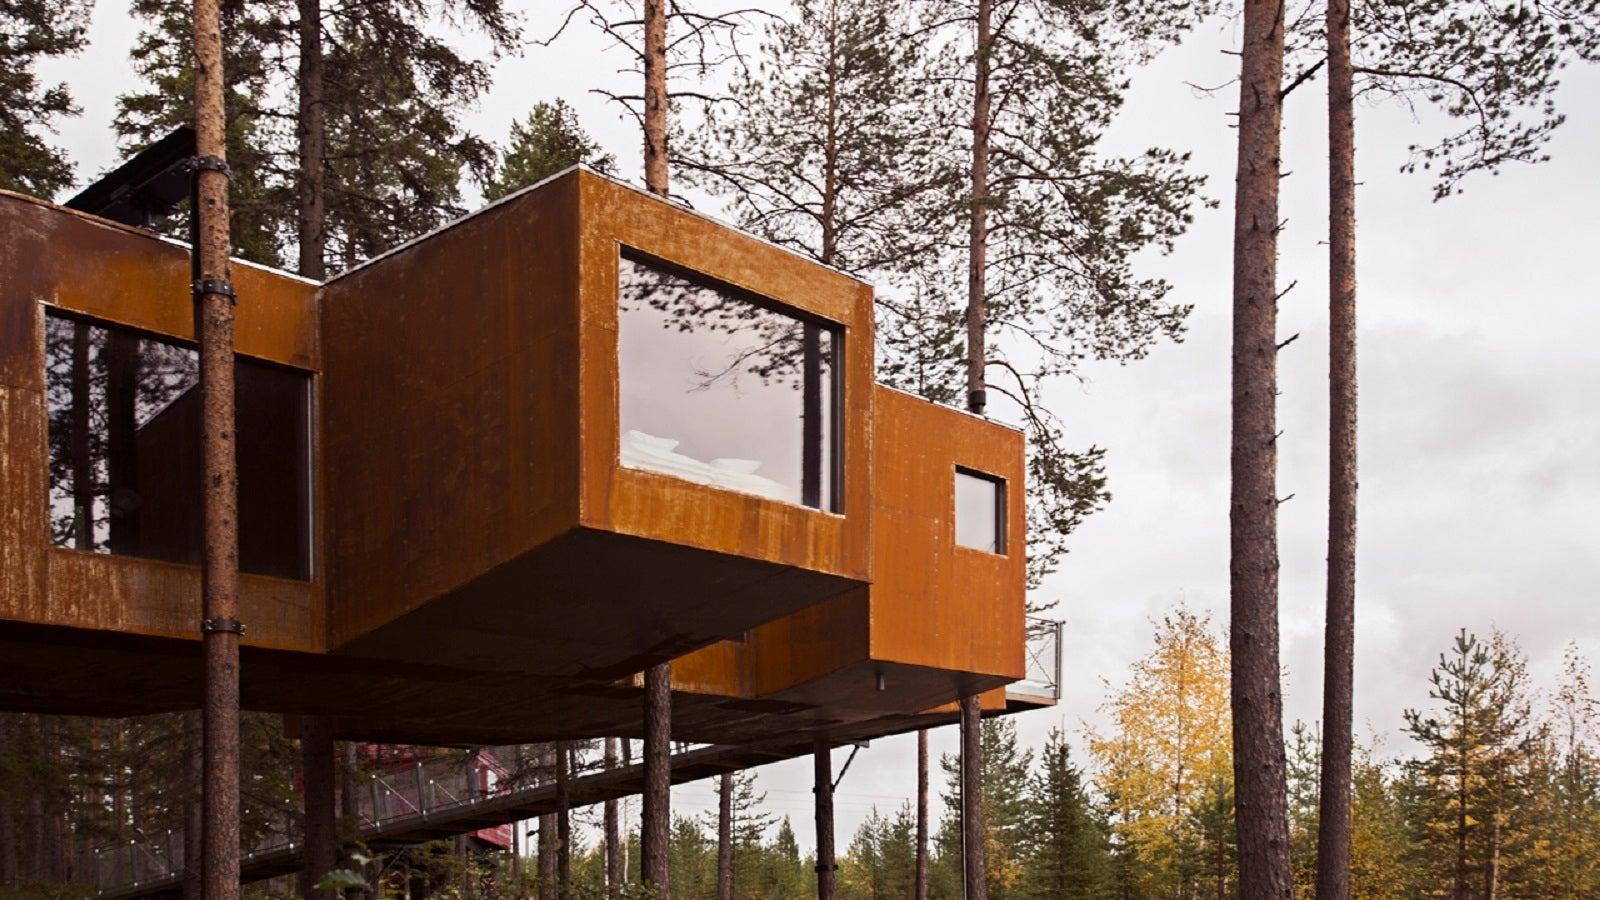 Einmal hoch hinaus: Diese Baumhotels machen es möglich! | The ...